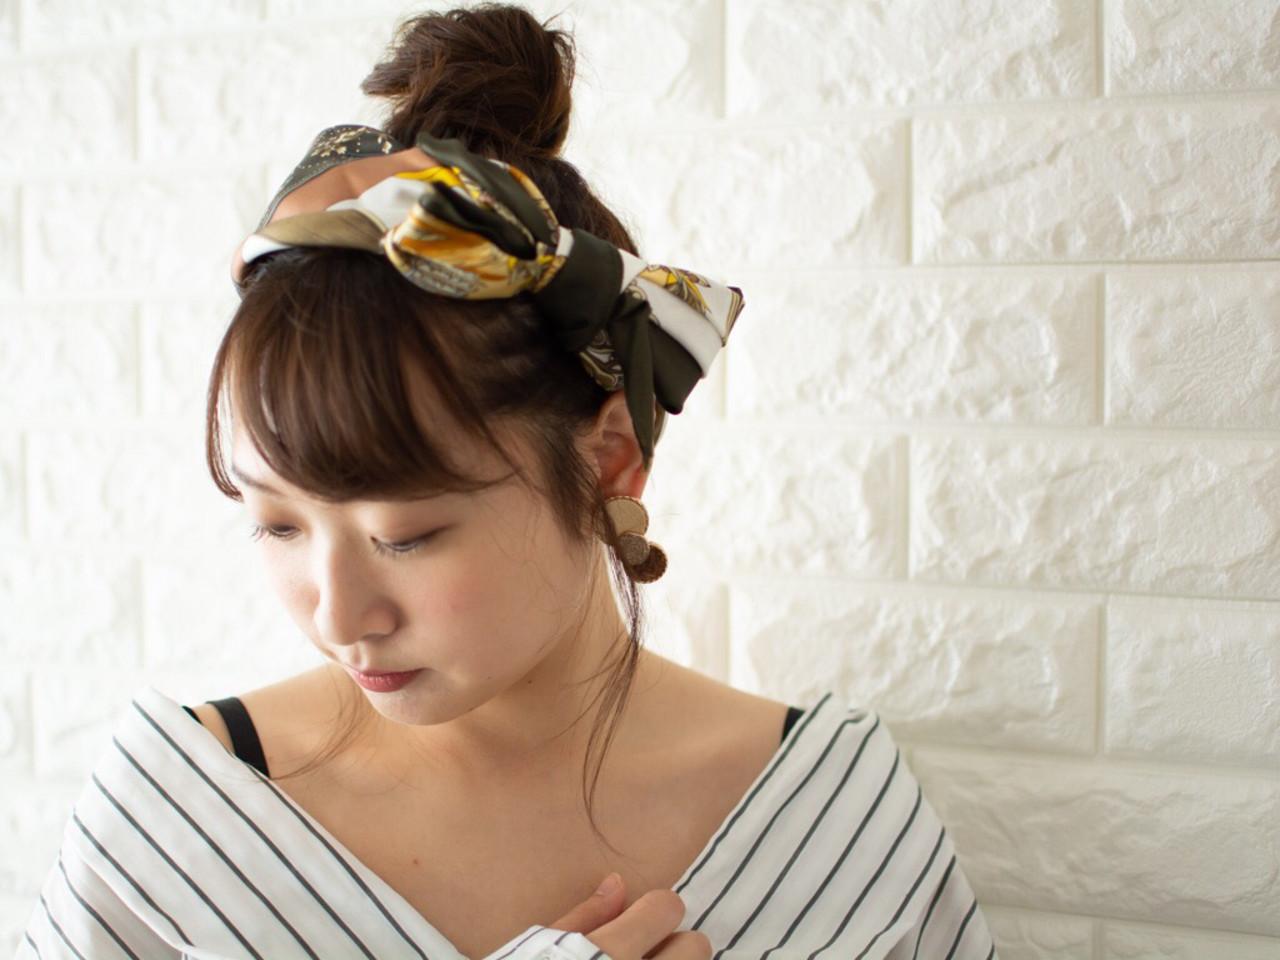 ナチュラル ヘアアレンジ 簡単ヘアアレンジ n. ヘアスタイルや髪型の写真・画像